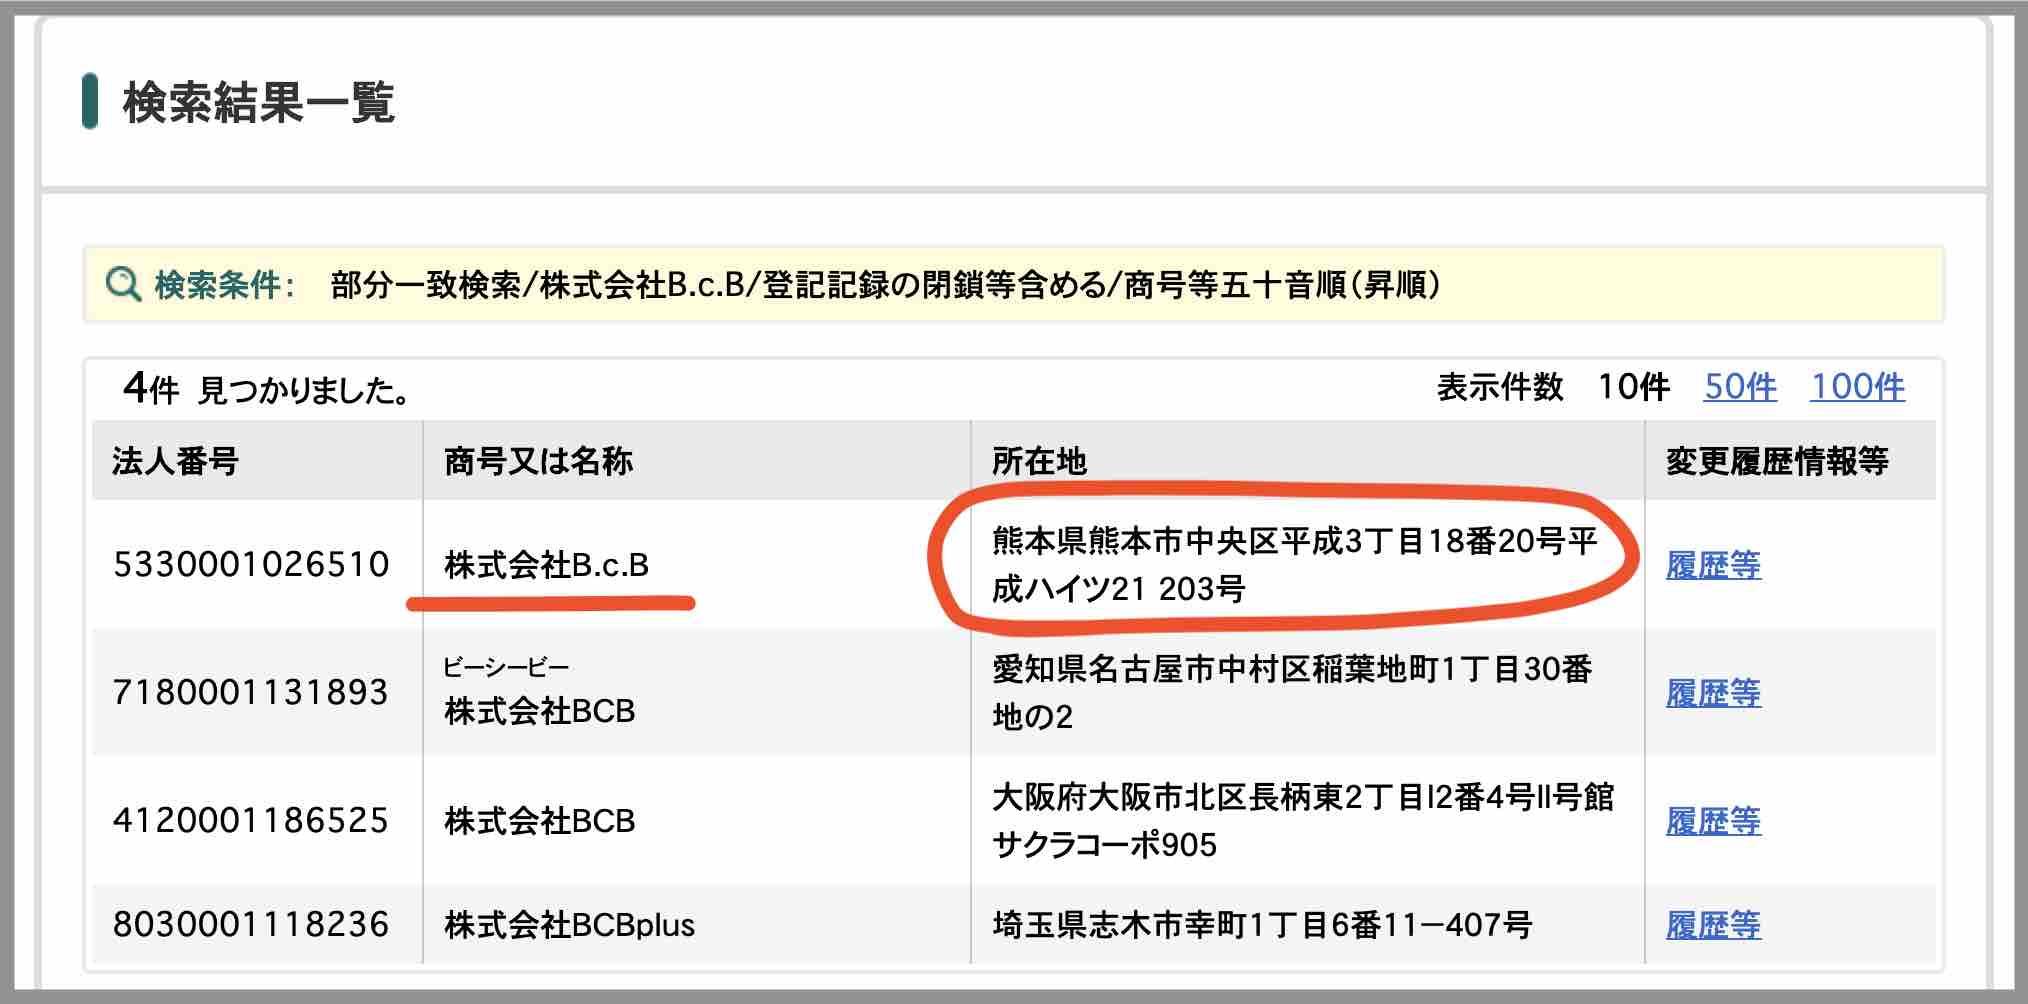 「ボートキングダム」という競艇予想サイトを運営する「株式会社B.c.B」は熊本の会社